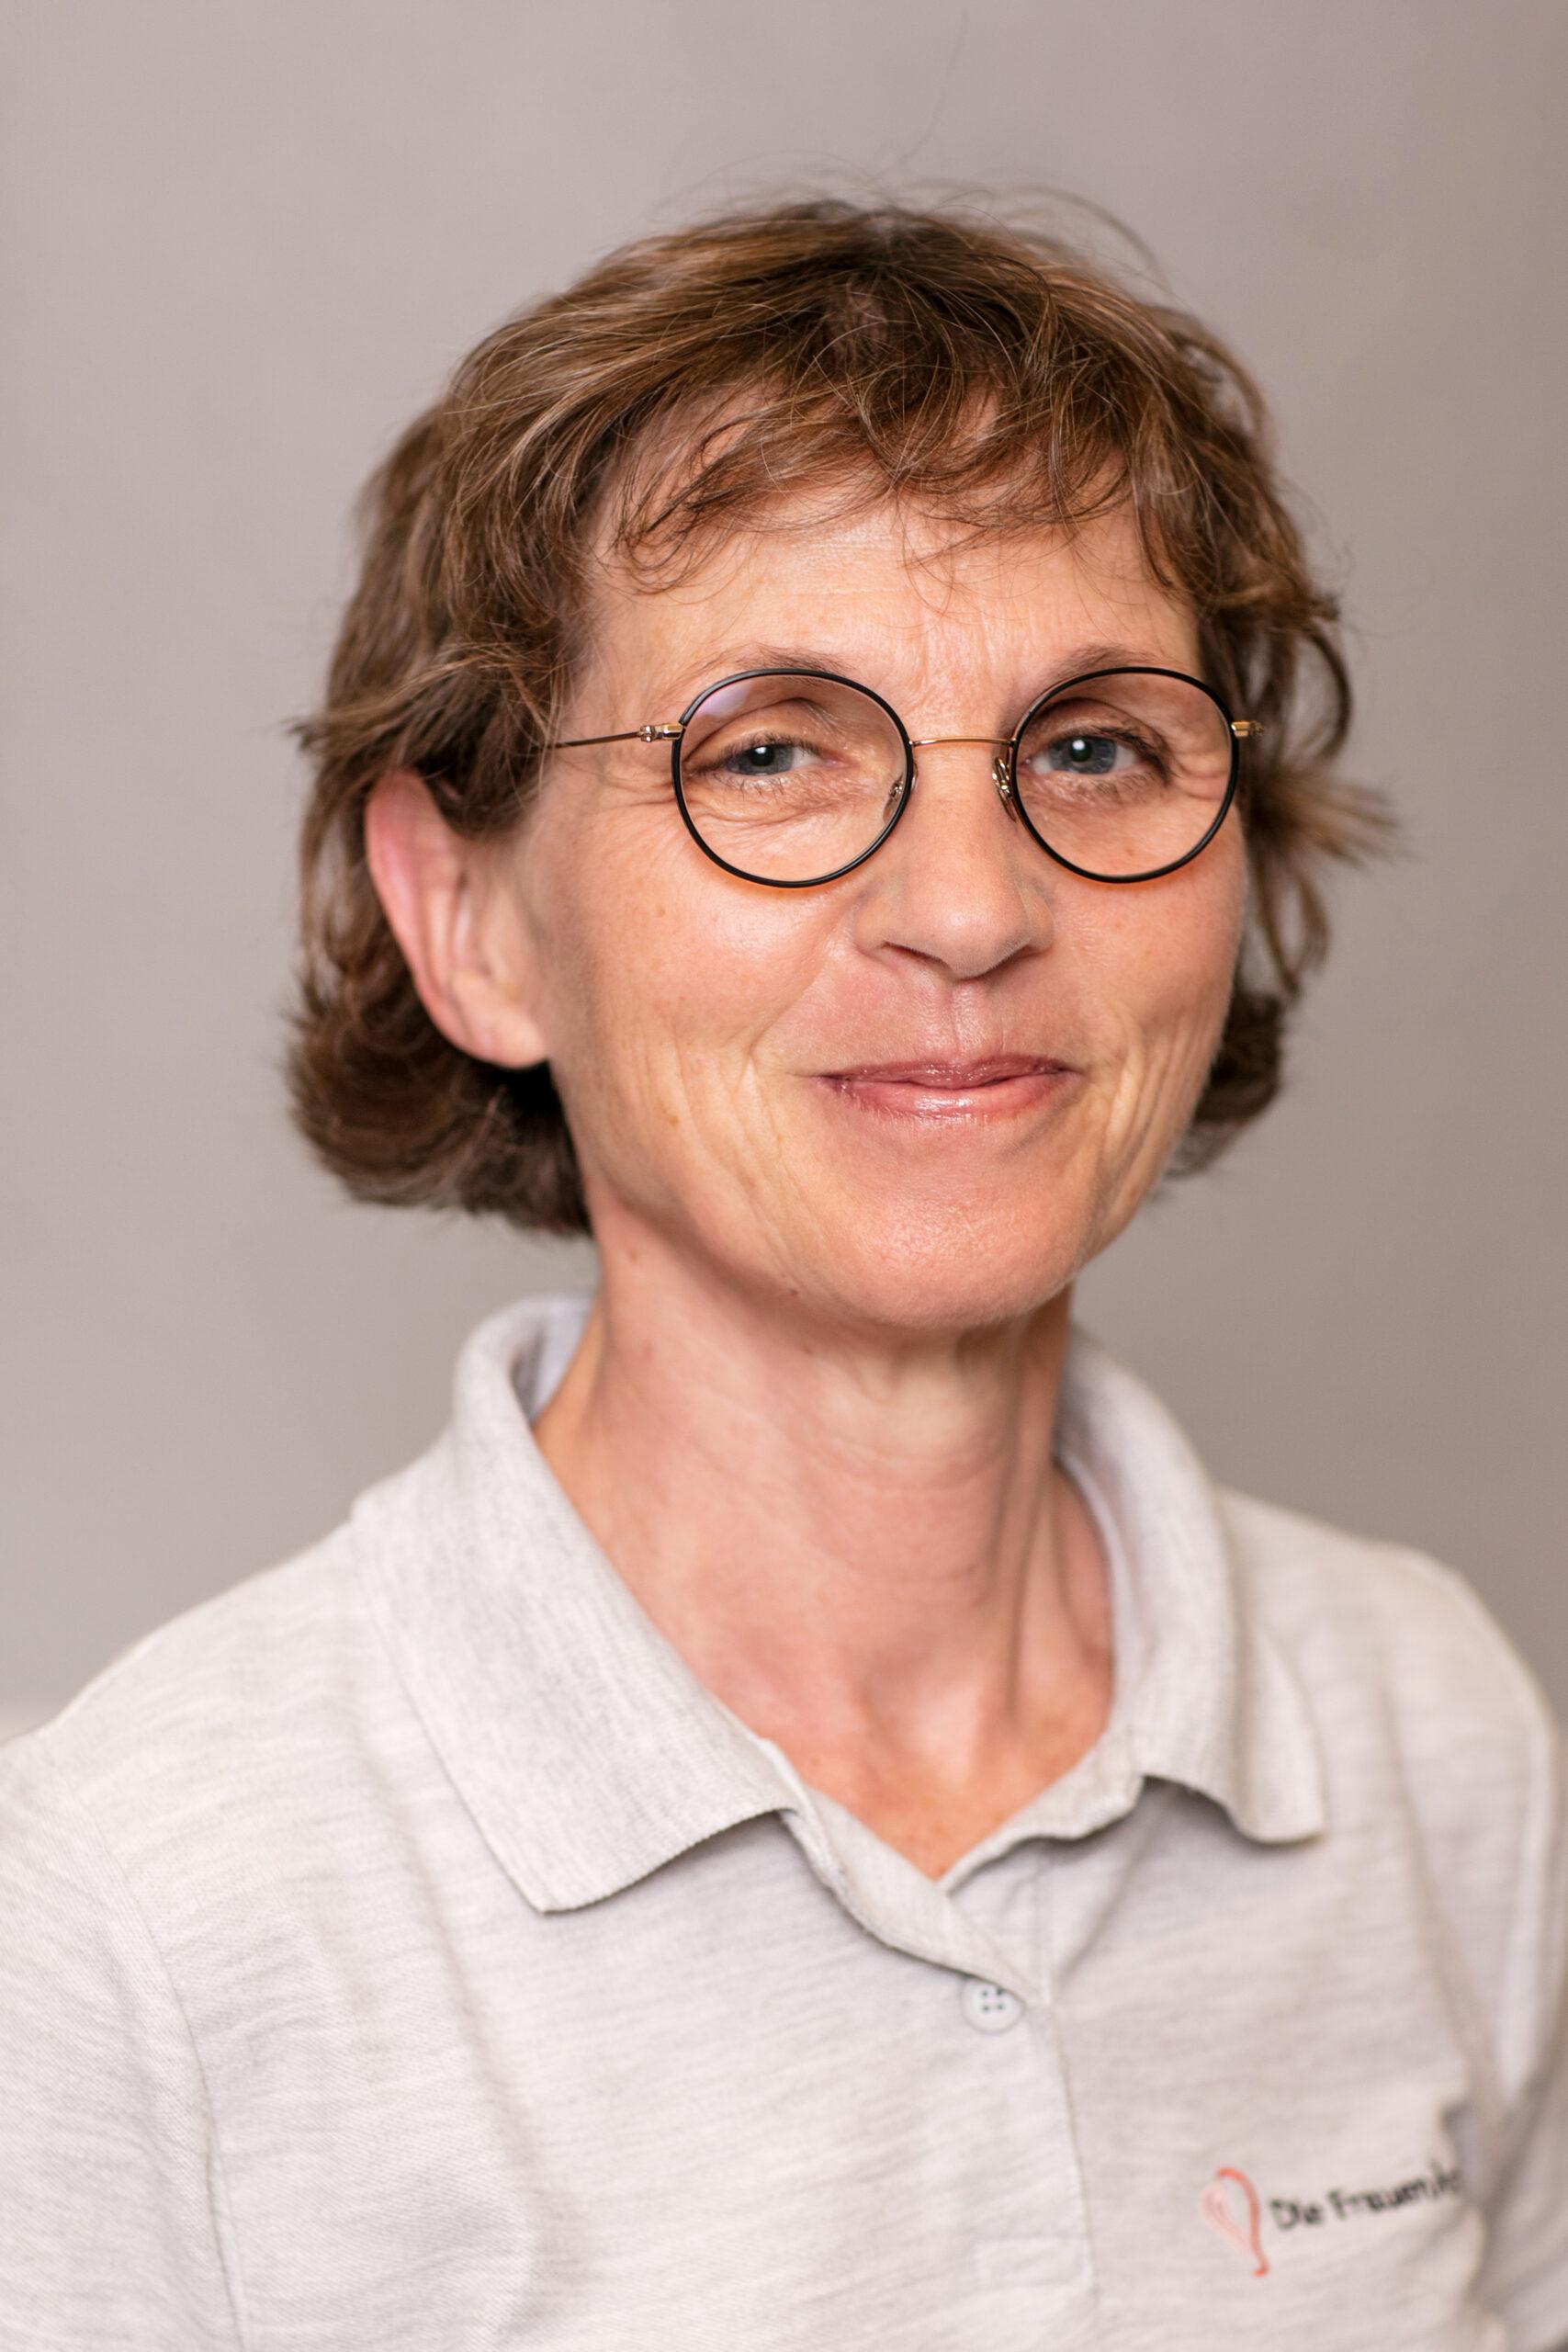 Frauenärztin Dr. med. Ursula Holthusen